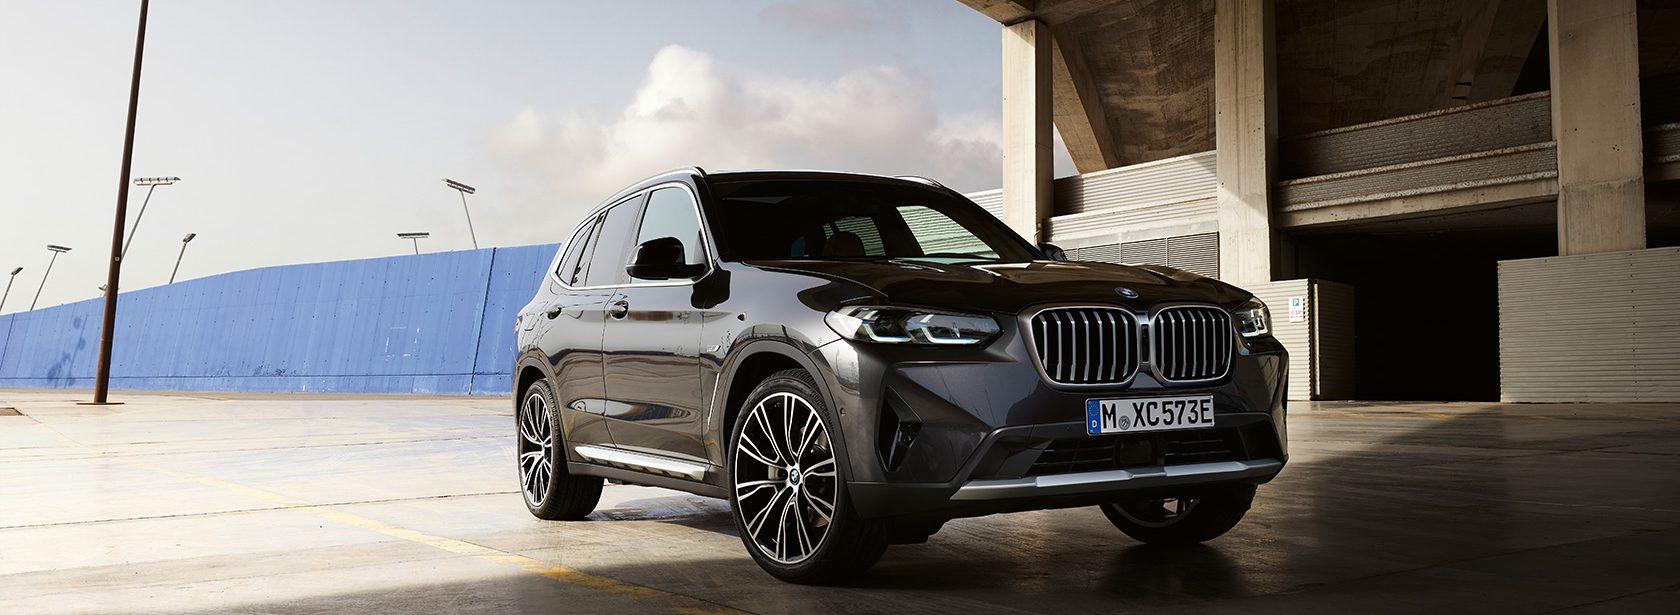 BMW X3 G01 Sophistograu Dreiviertel-Front vor Hangar 2021